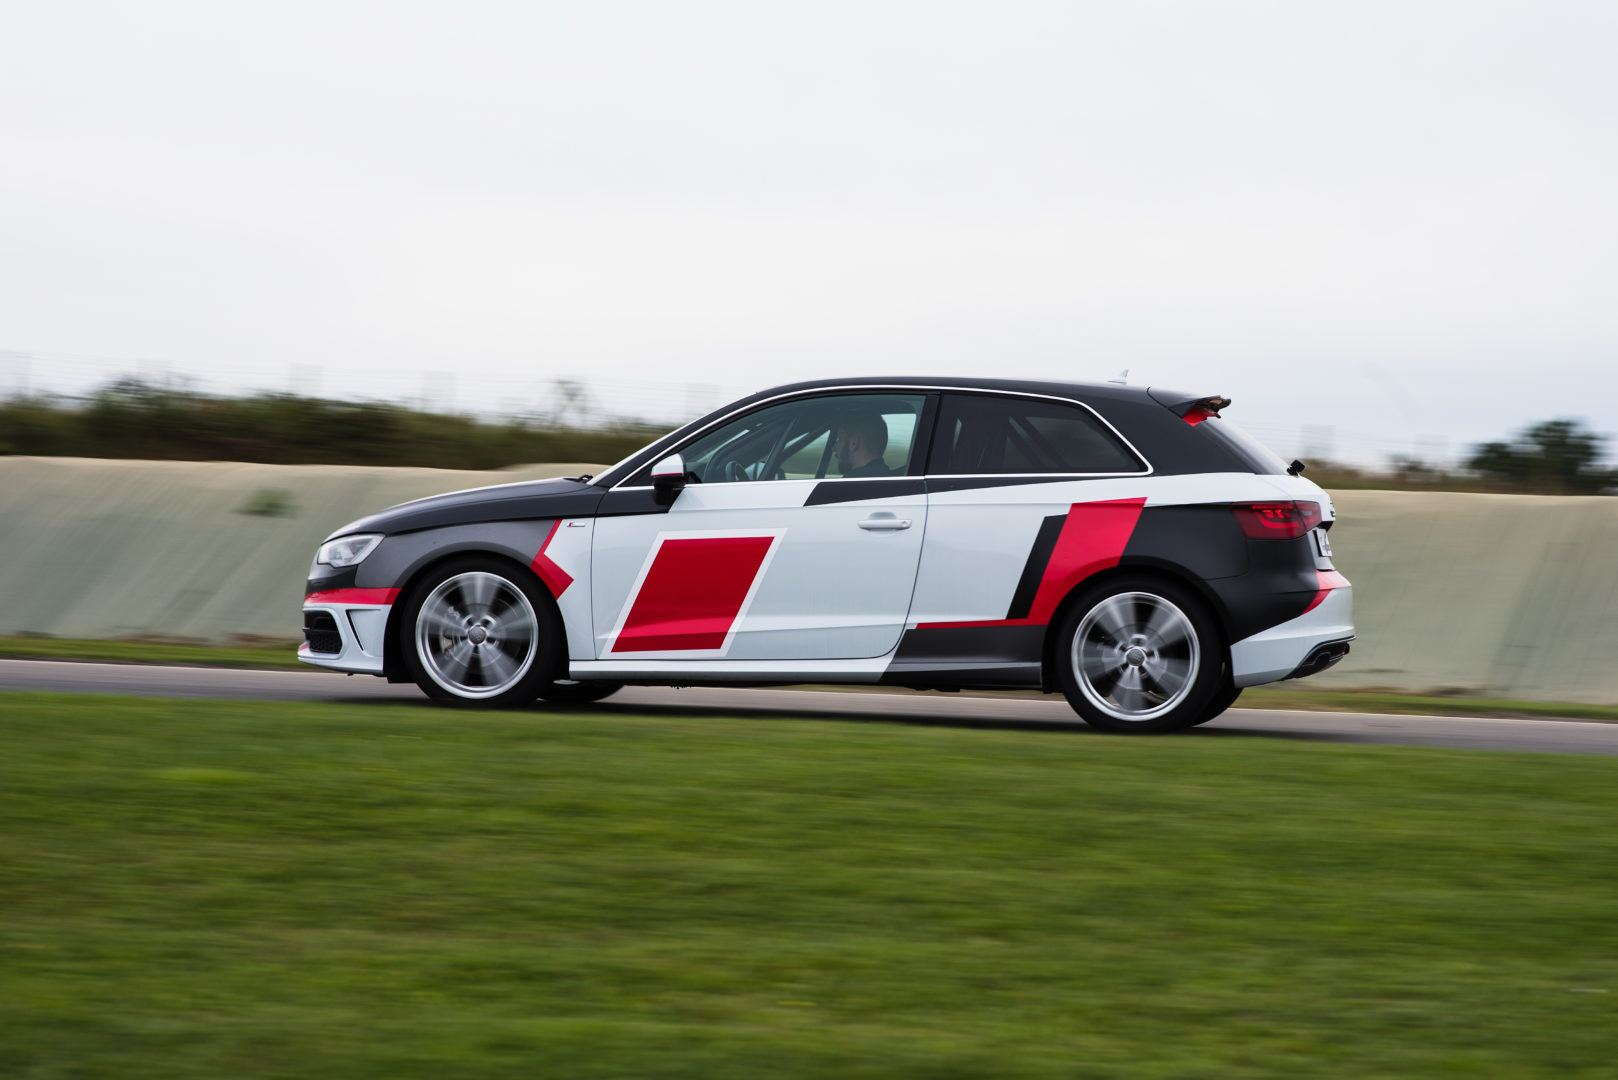 Audi A3 sur circuit coté